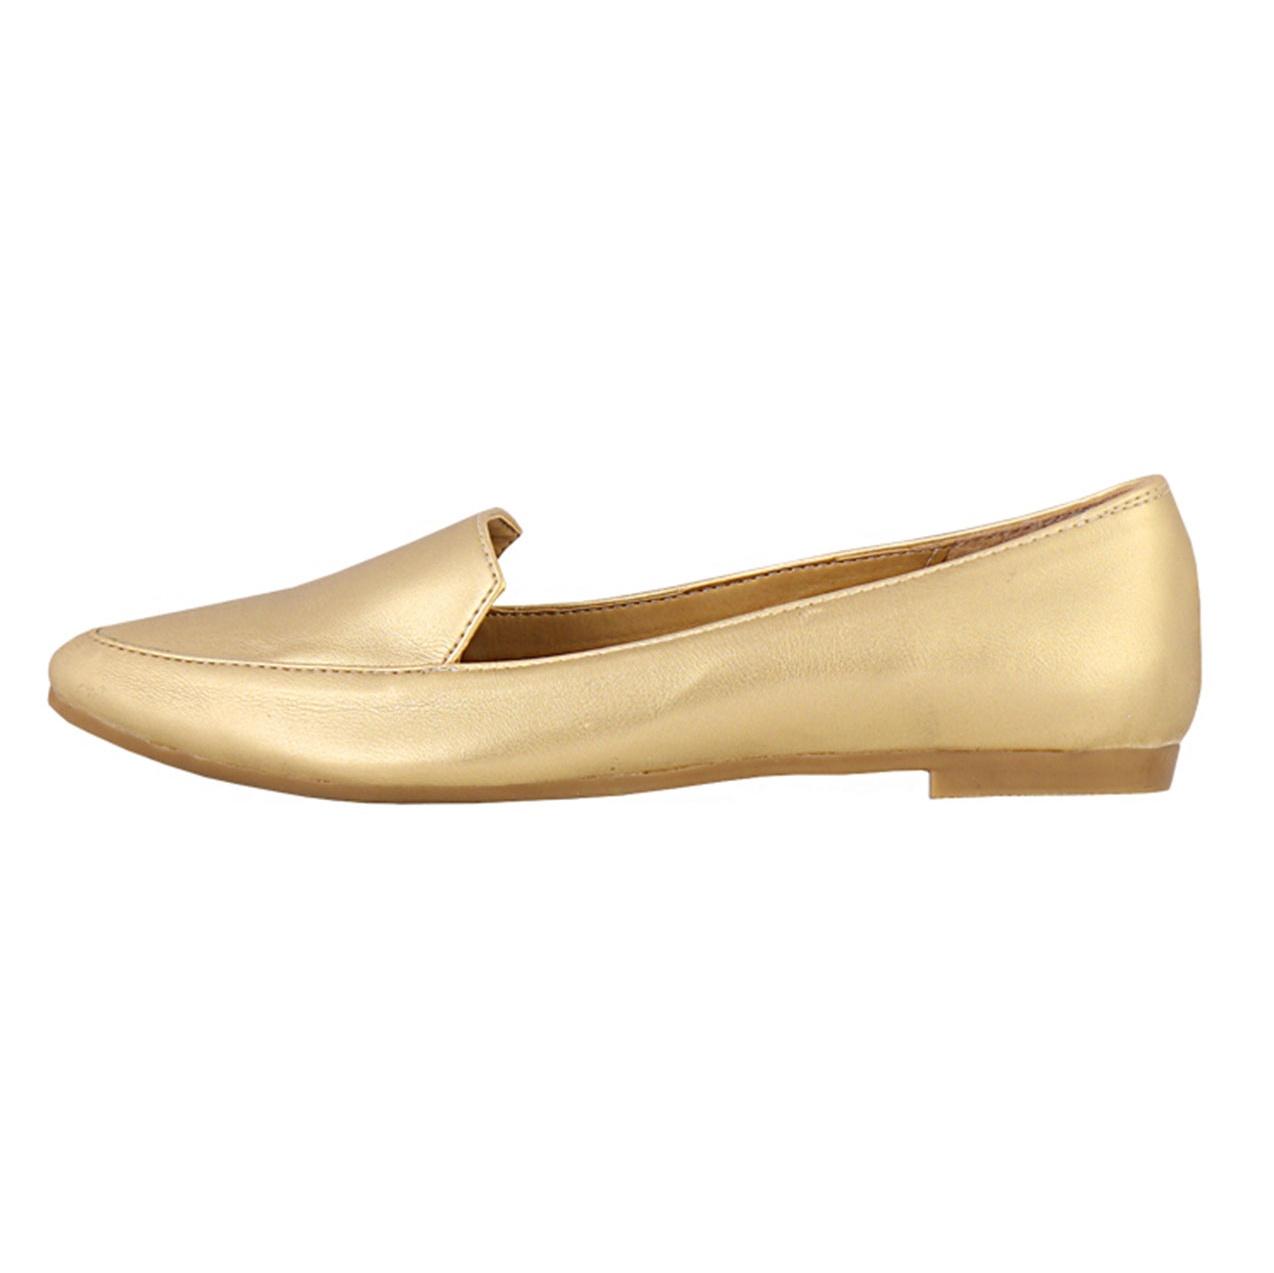 کفش تخت زنانه طرح کلاسیک کد 159012111